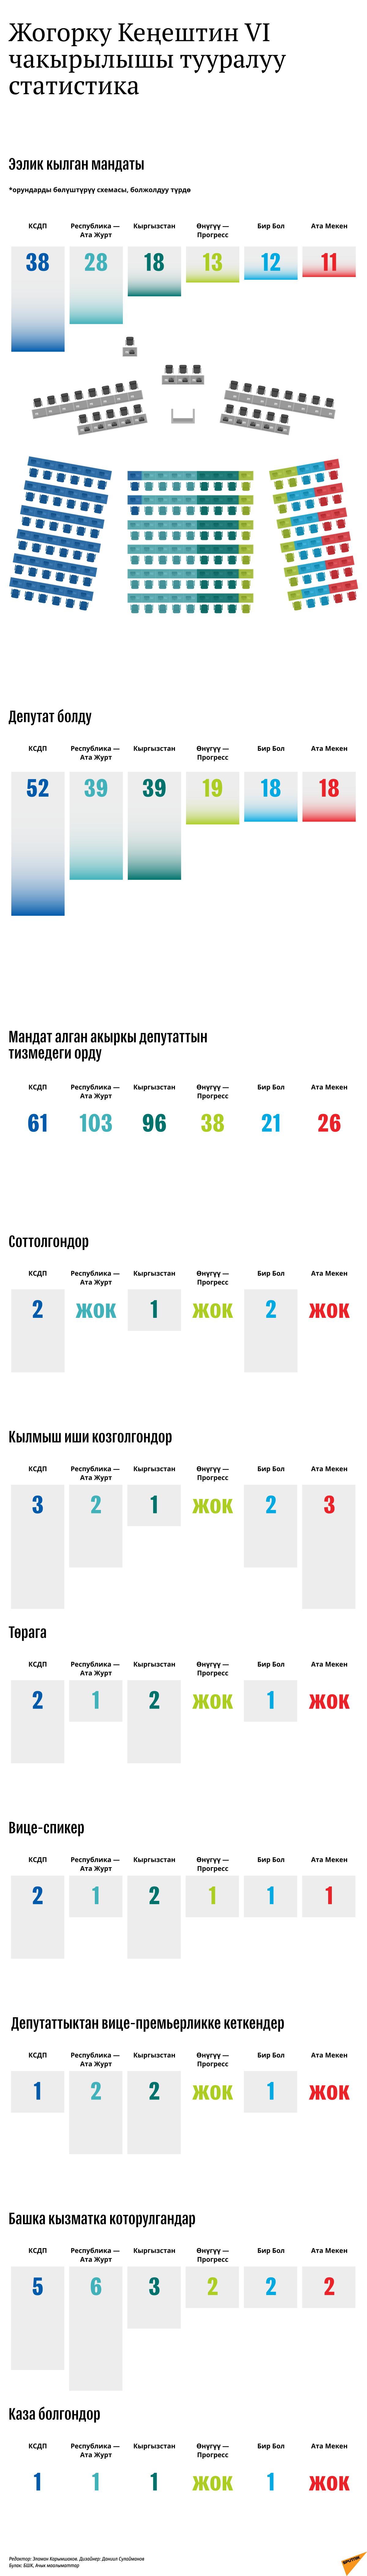 Жогорку Кеңештин VI чакырылышы тууралуу статистика